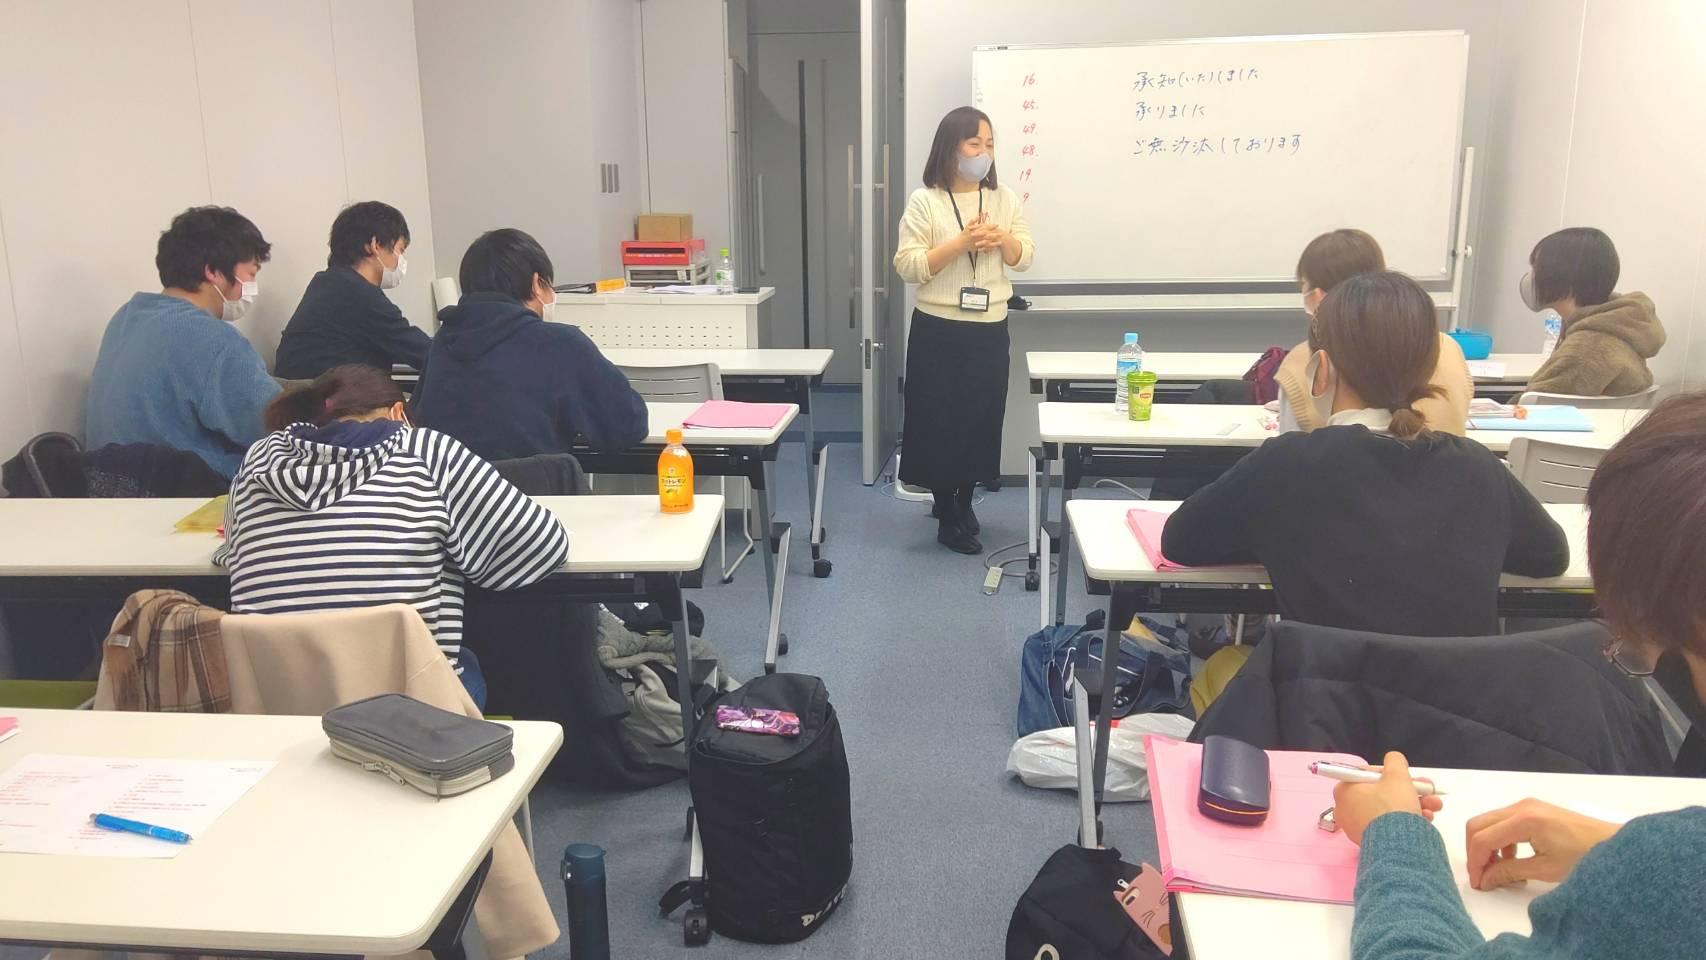 パフォーミングアーツカレッジ マナー授業.jpg